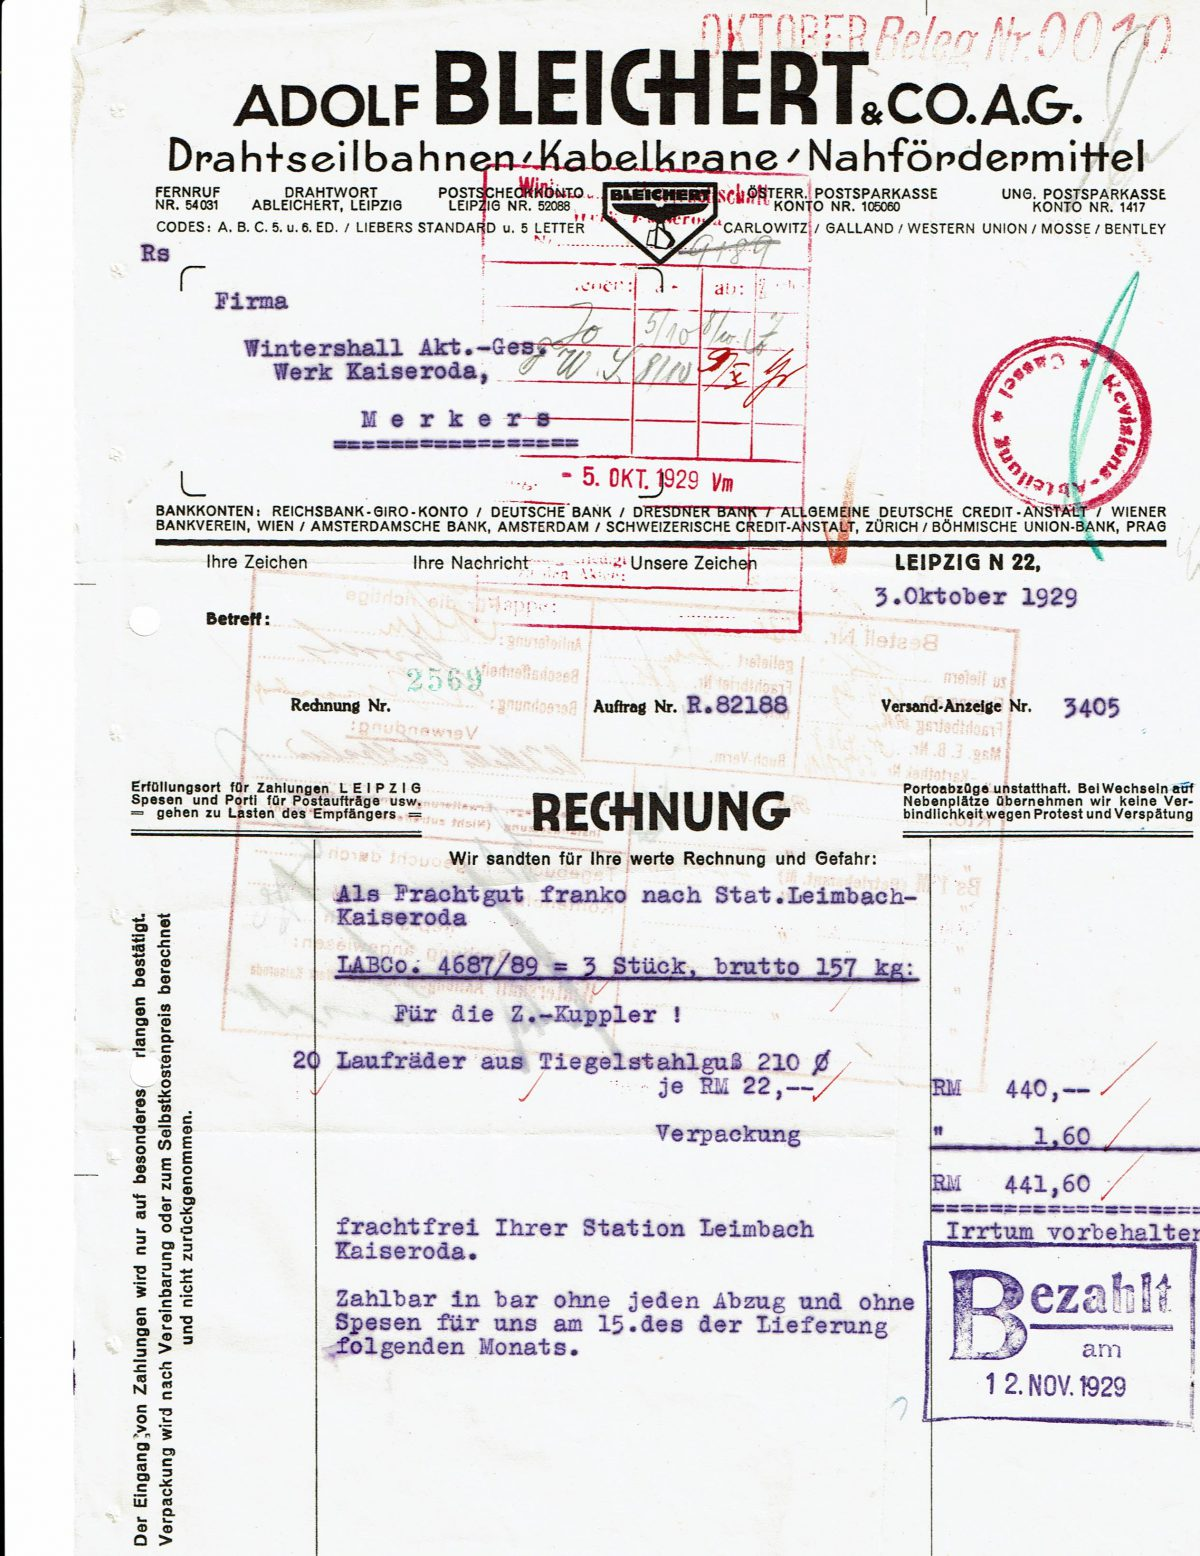 Bleichert & Co. Rechnung 03.10.1929